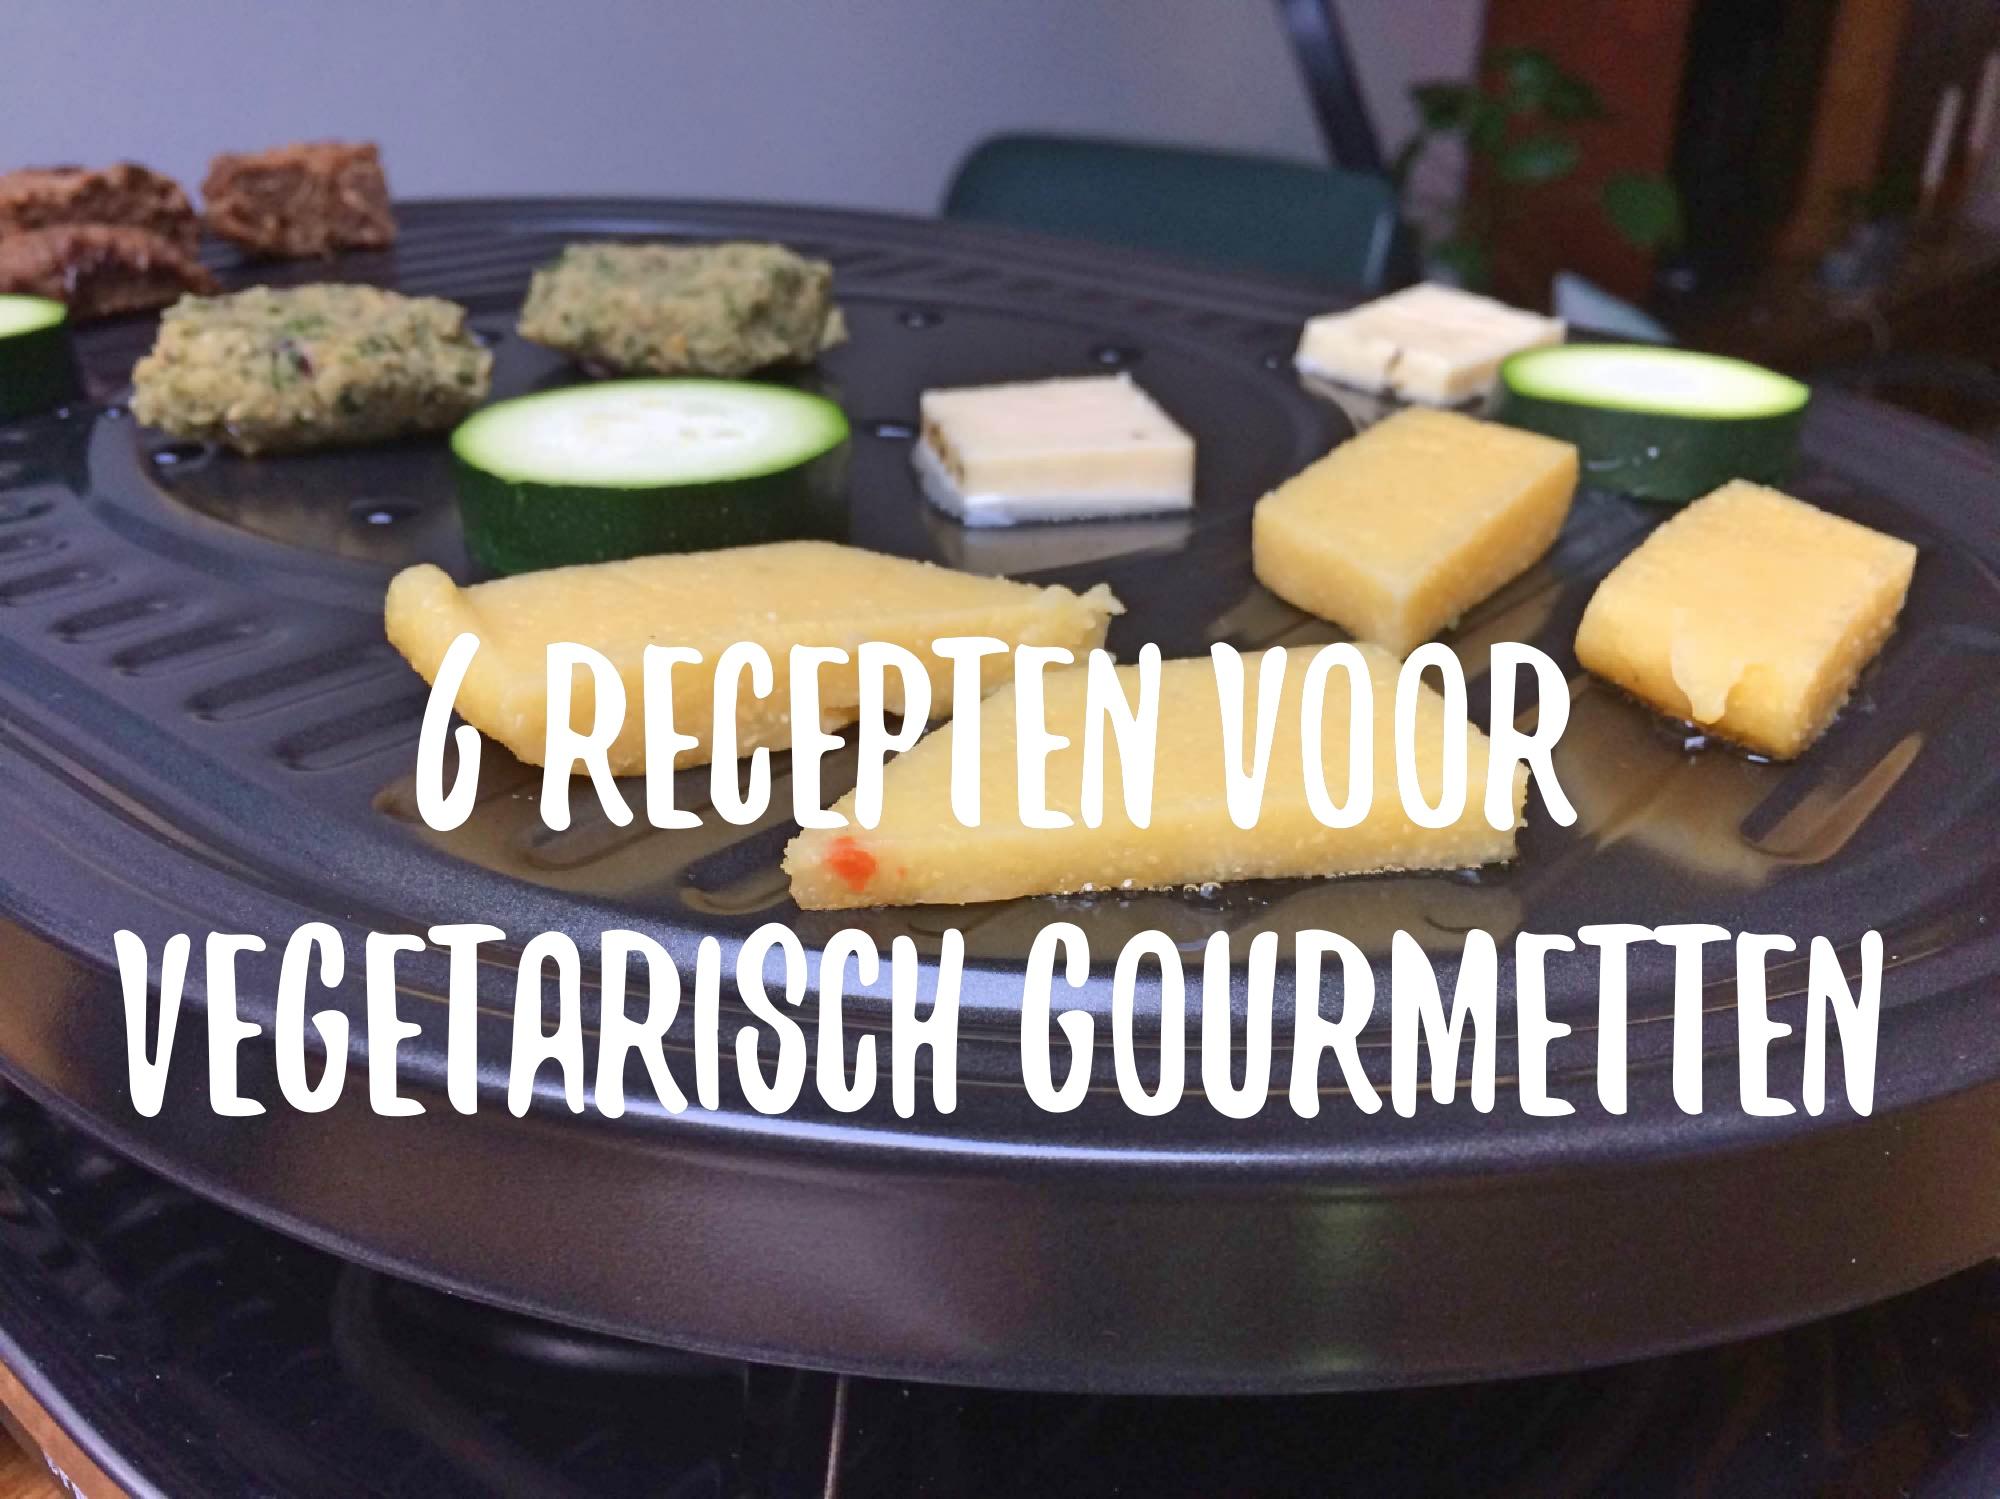 6 recepten voor vegetarisch gourmetten